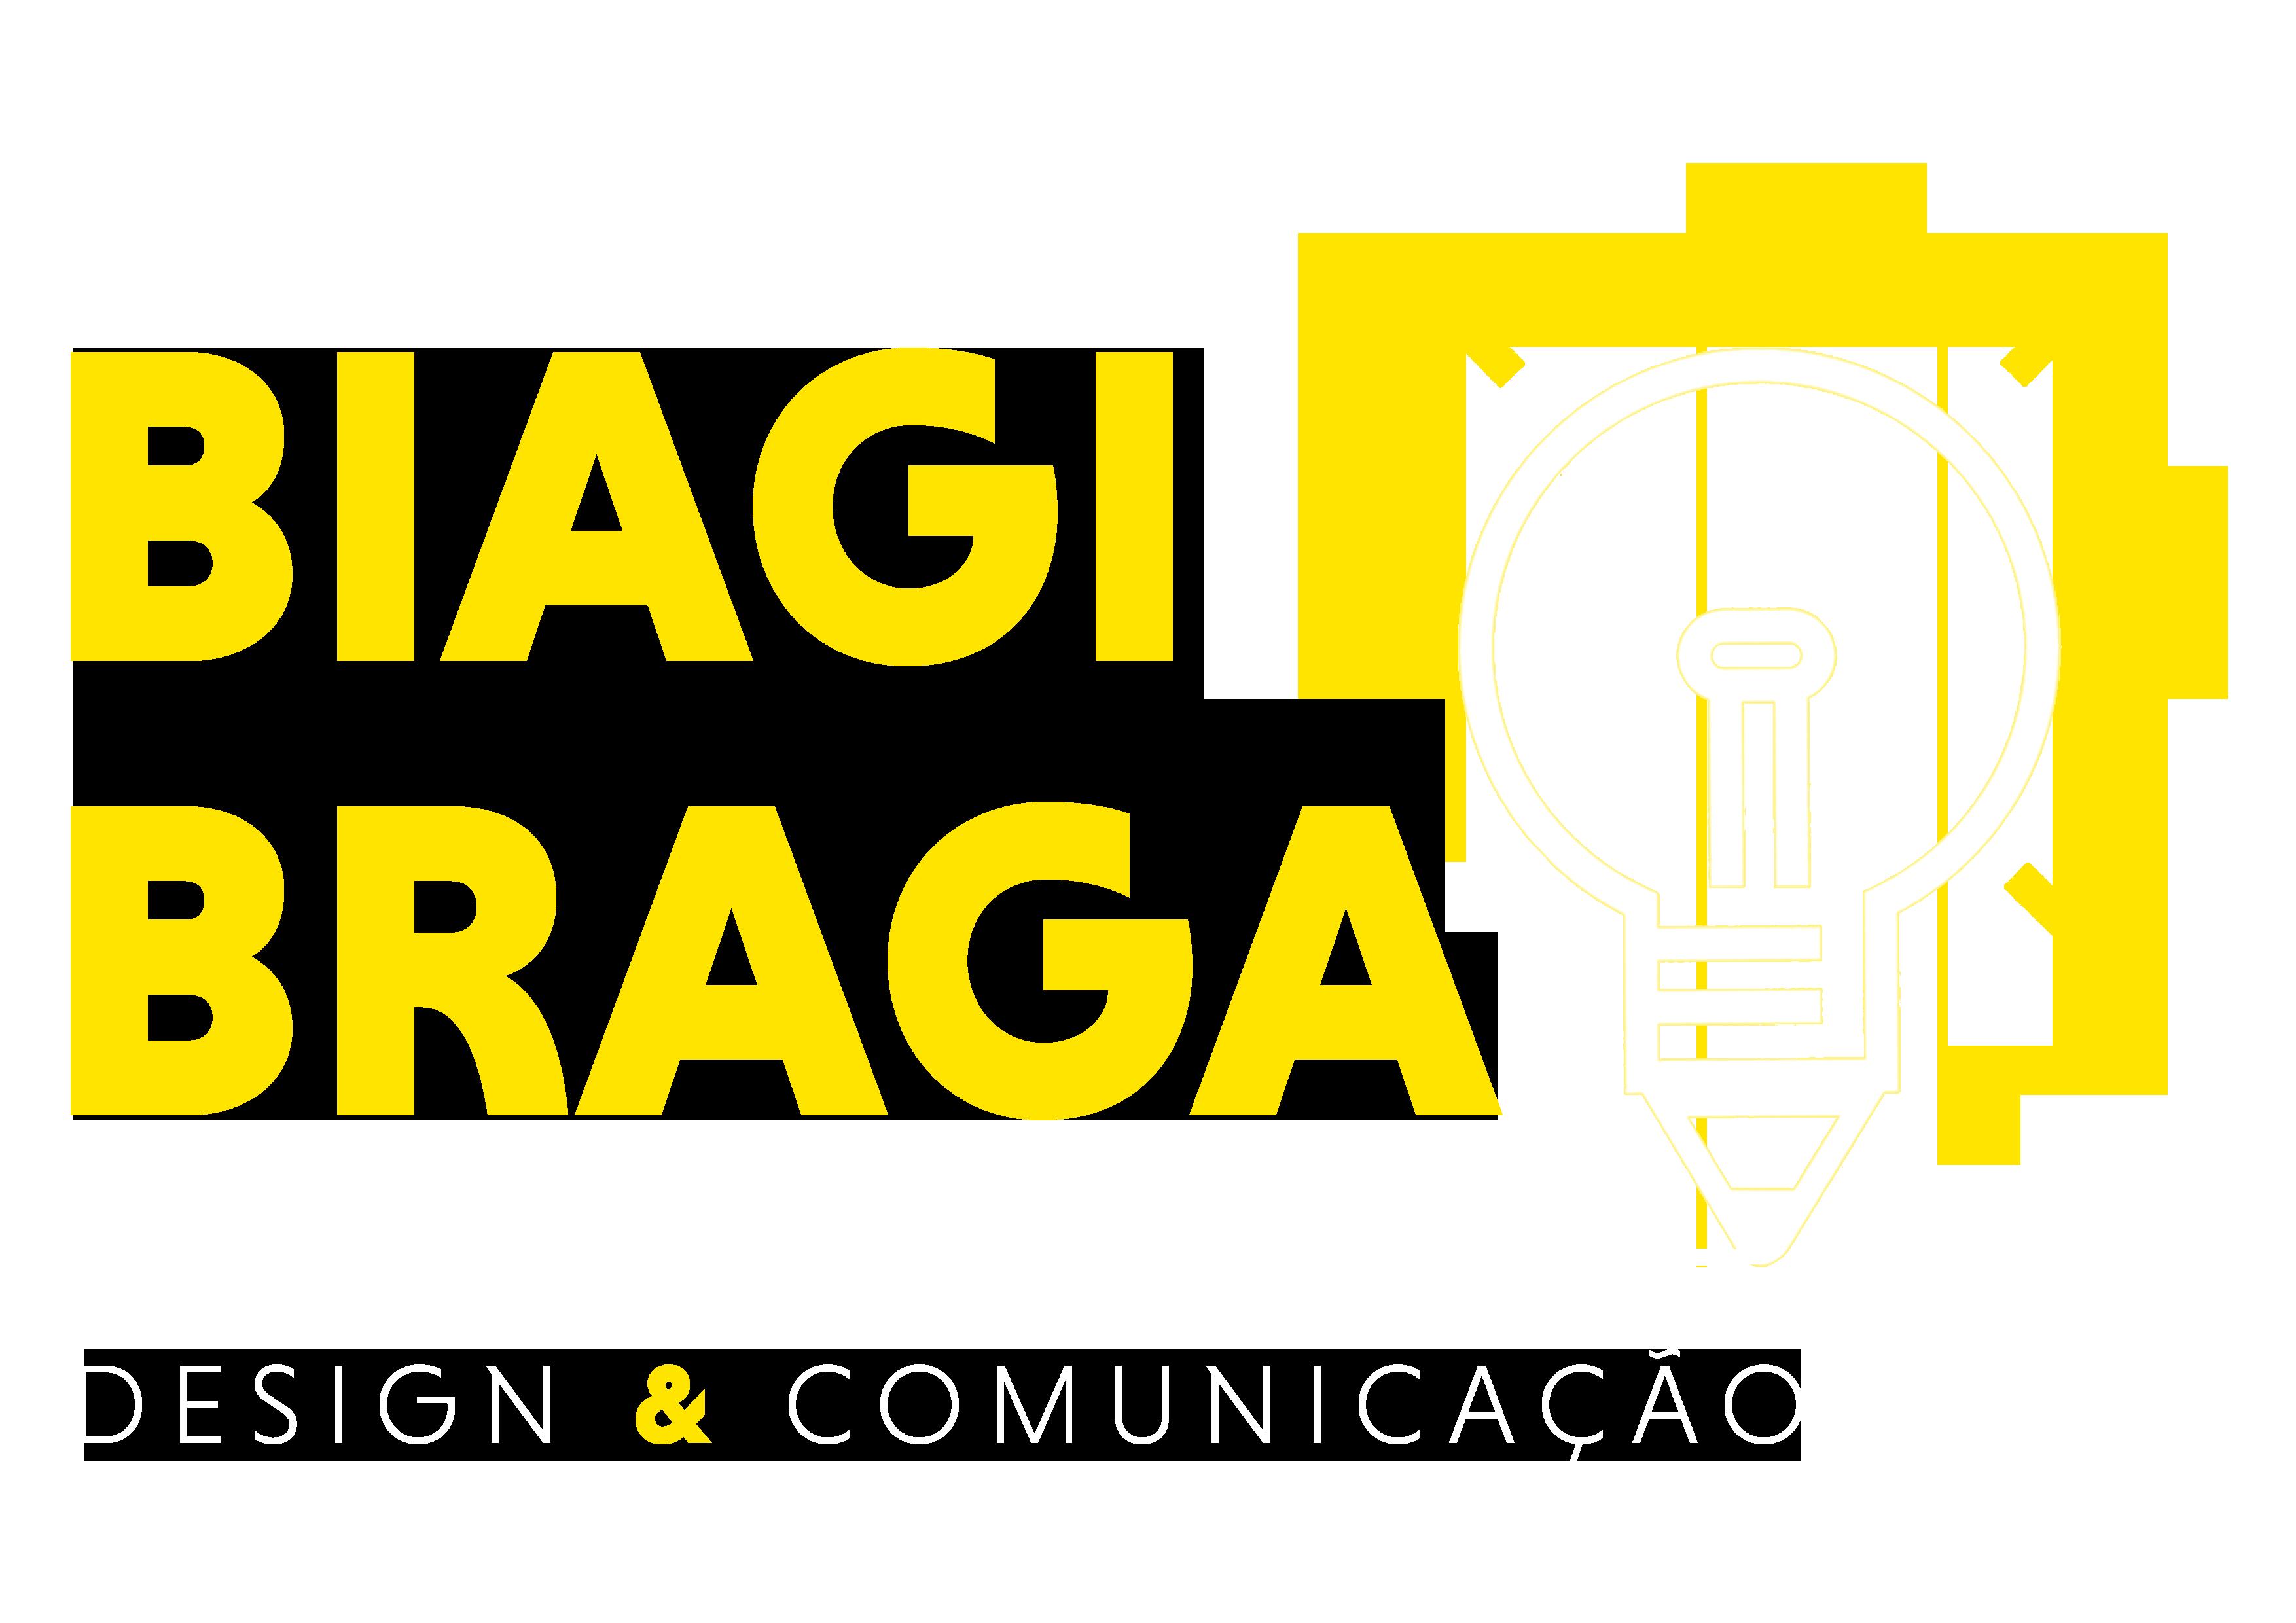 Biagi Braga Design